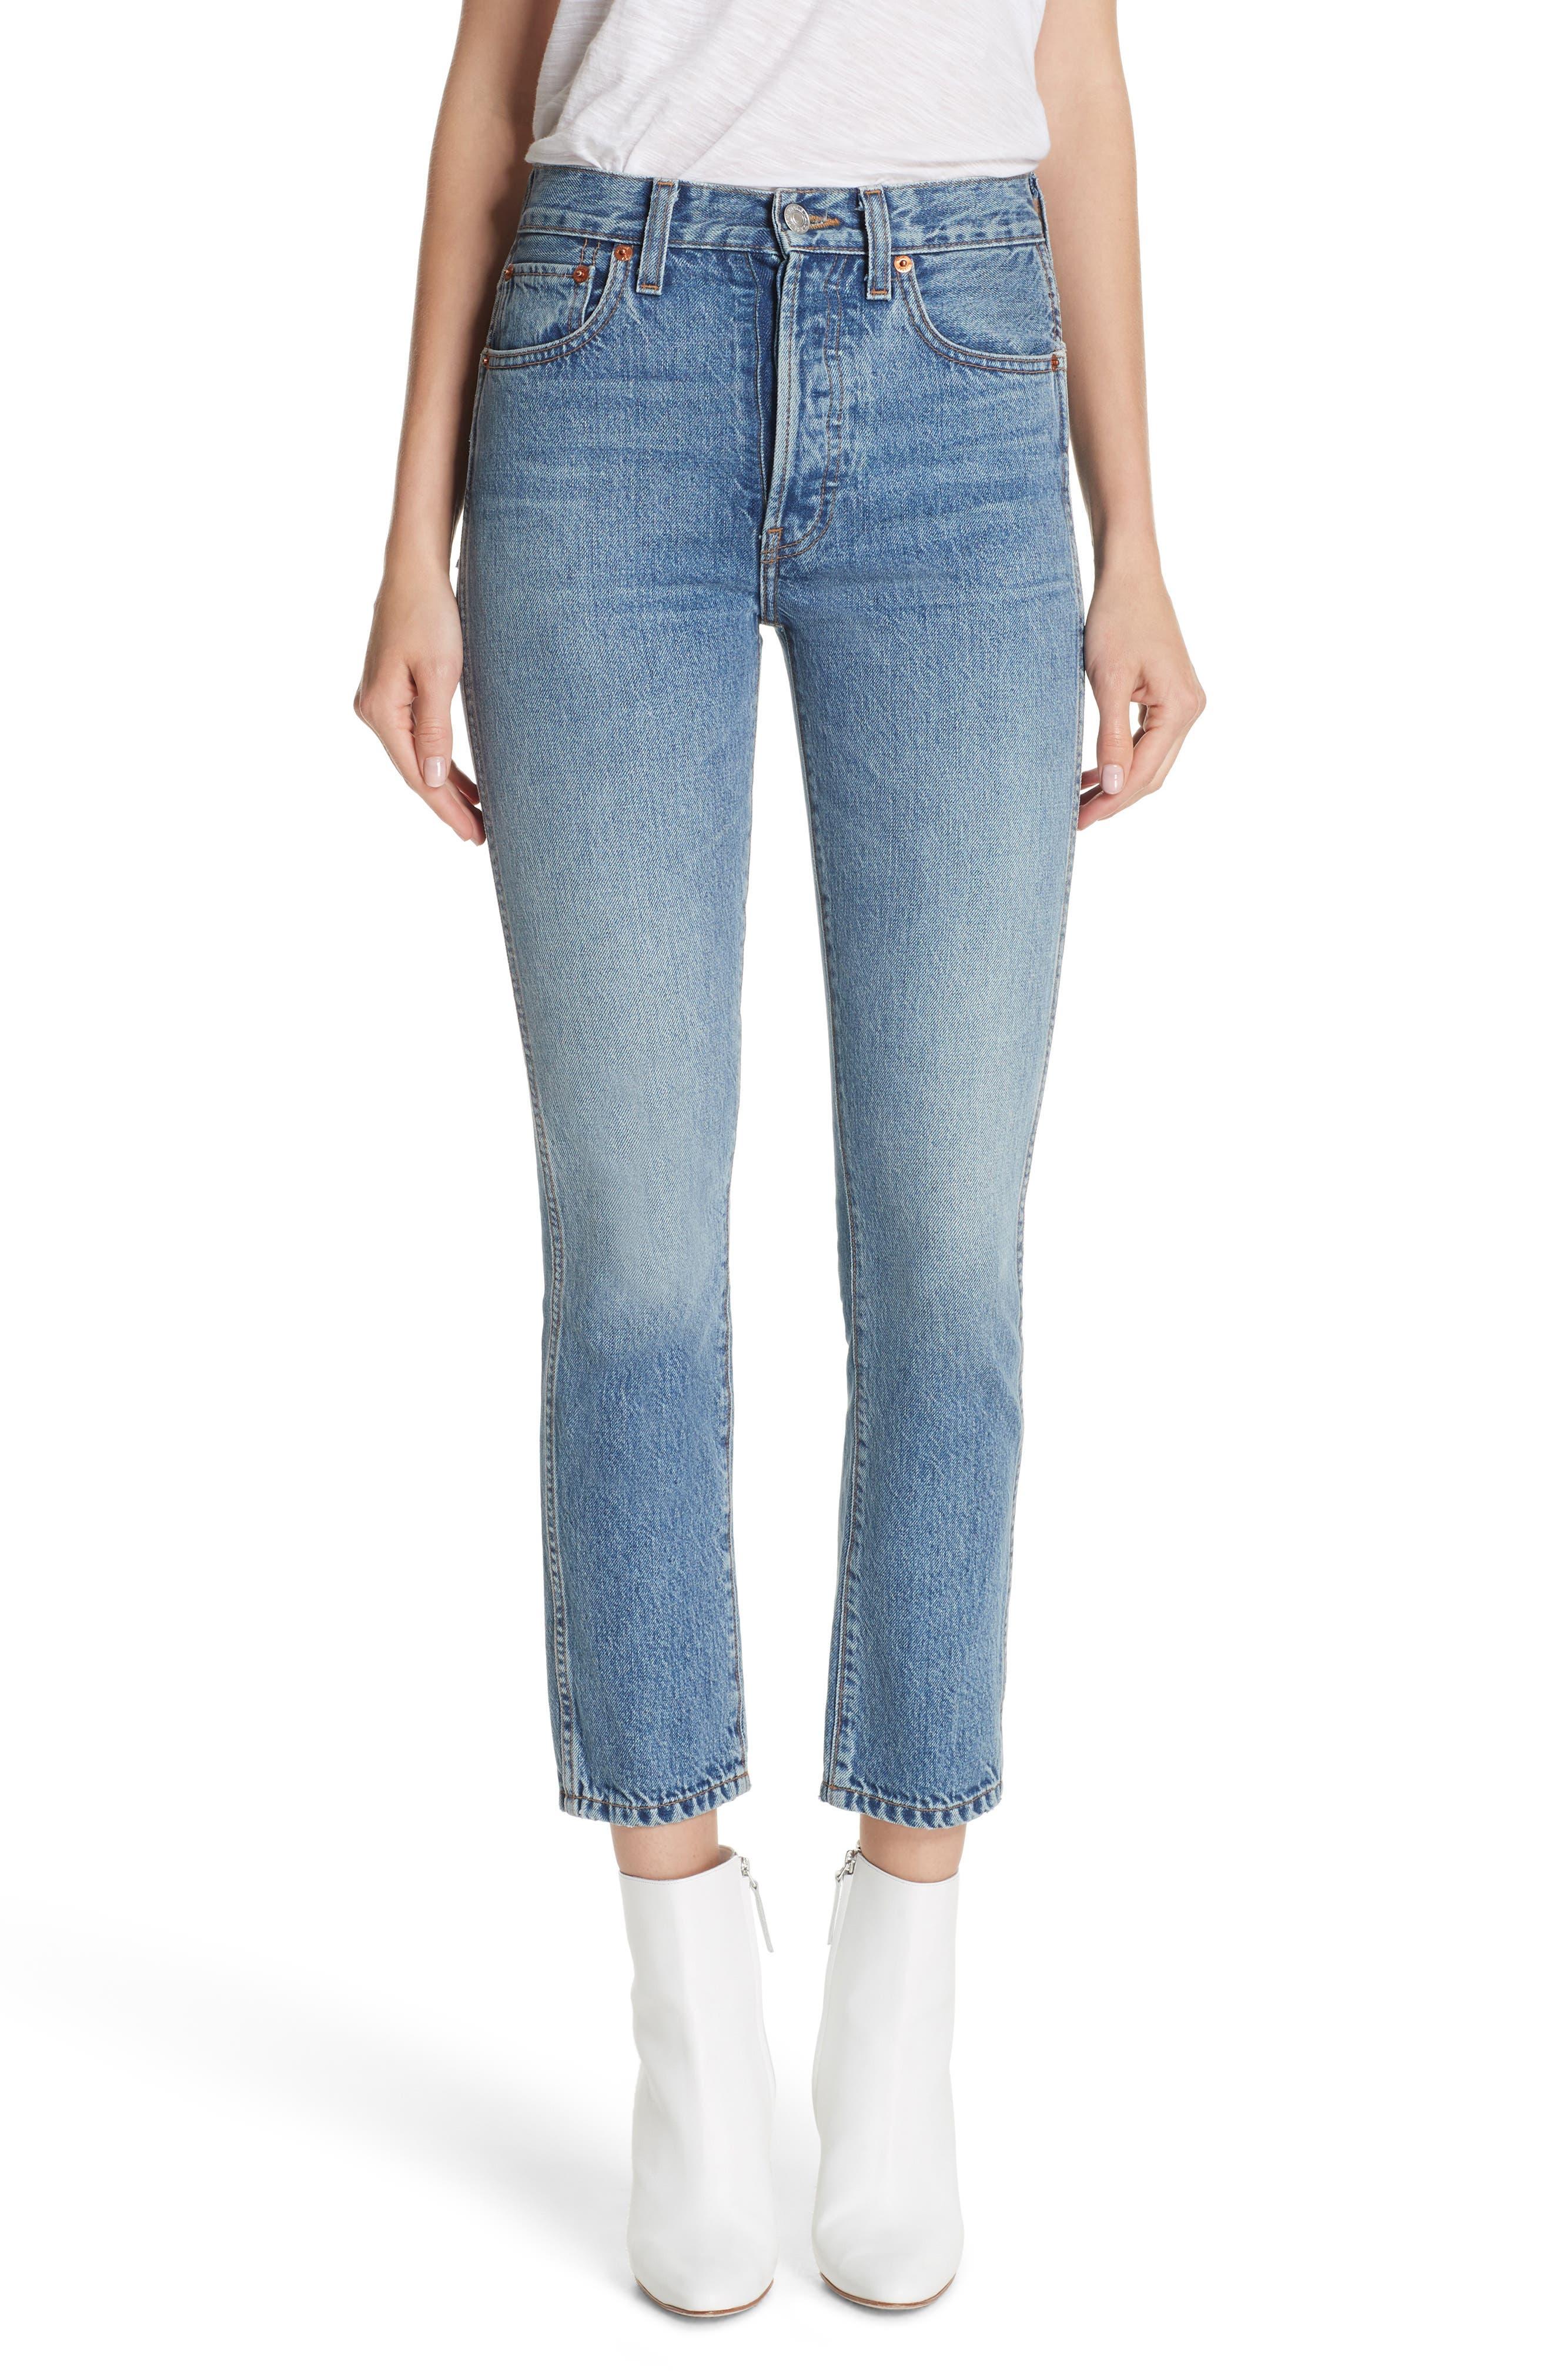 Originals High Waist Double Needle Ankle Jeans,                             Main thumbnail 1, color,                             400